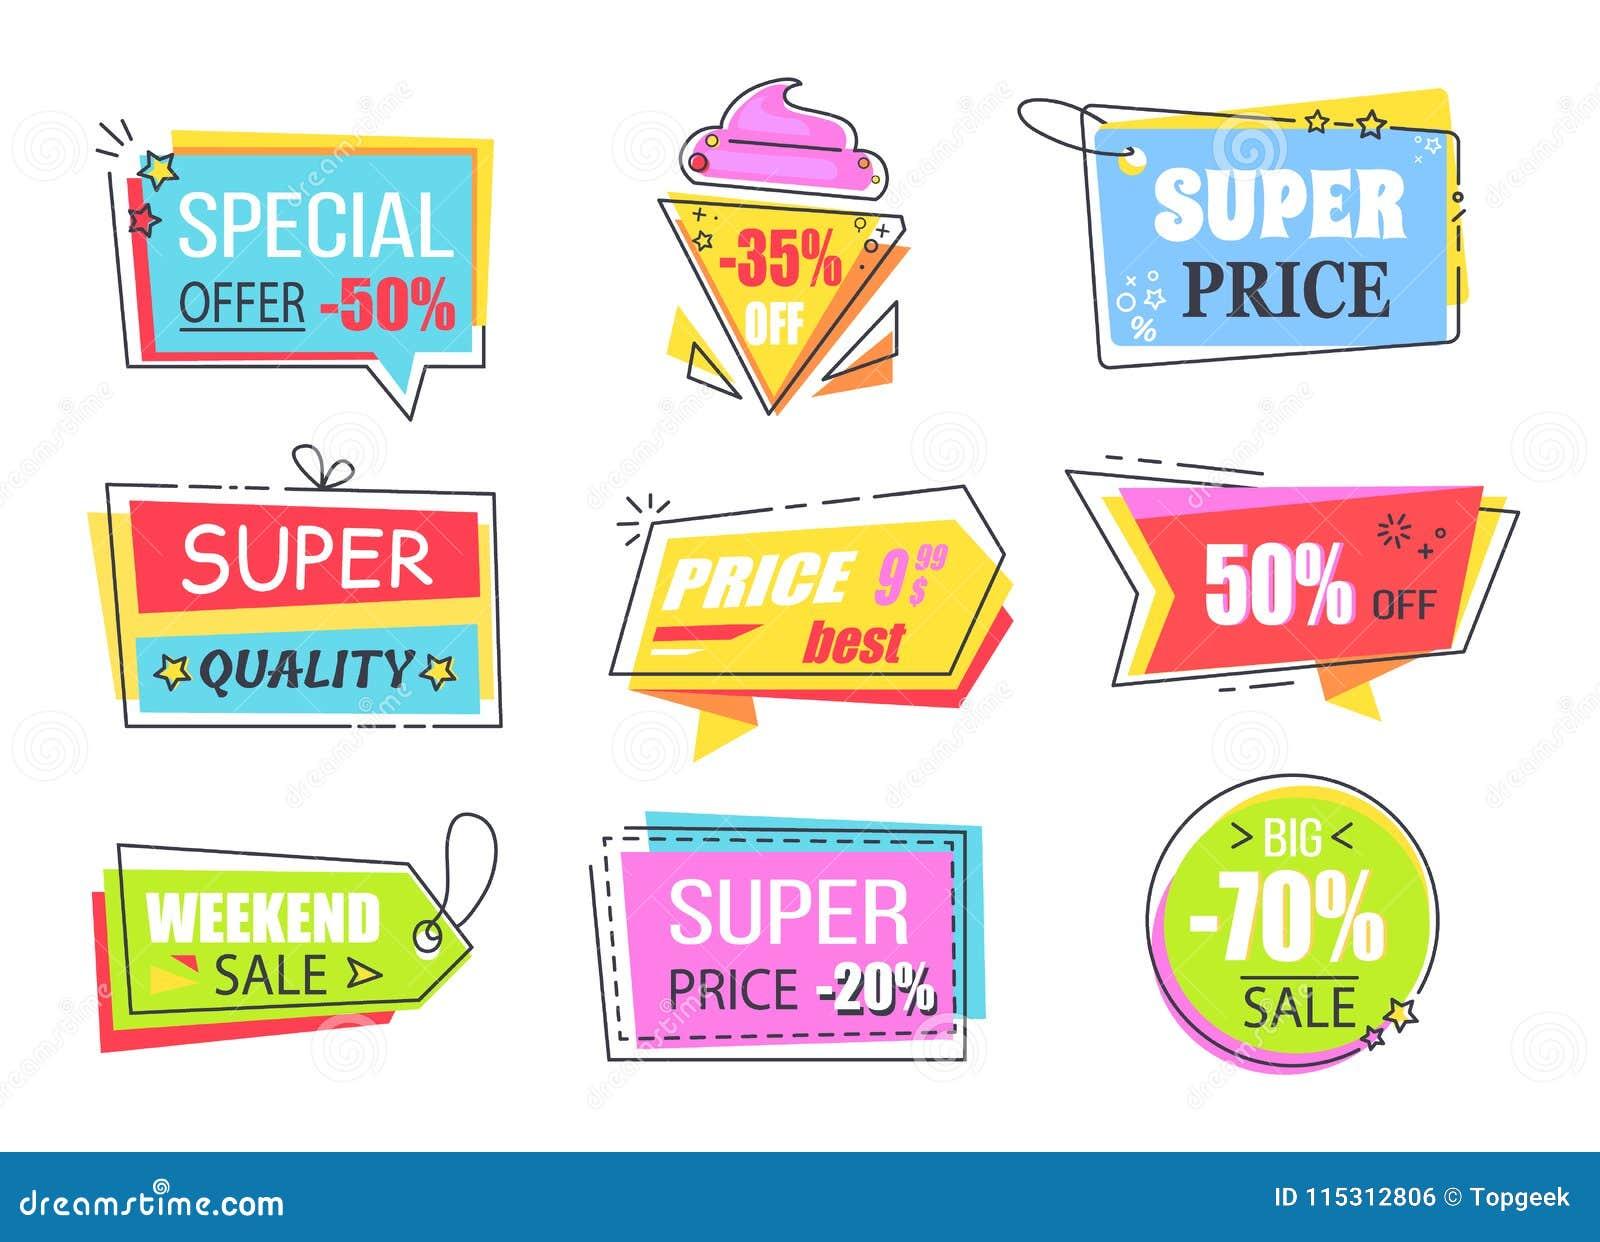 Etiquetas De La Oferta Especial Con La Media Reducción De Precio  Ilustración del Vector - Ilustración de conjunto, producto: 115312806